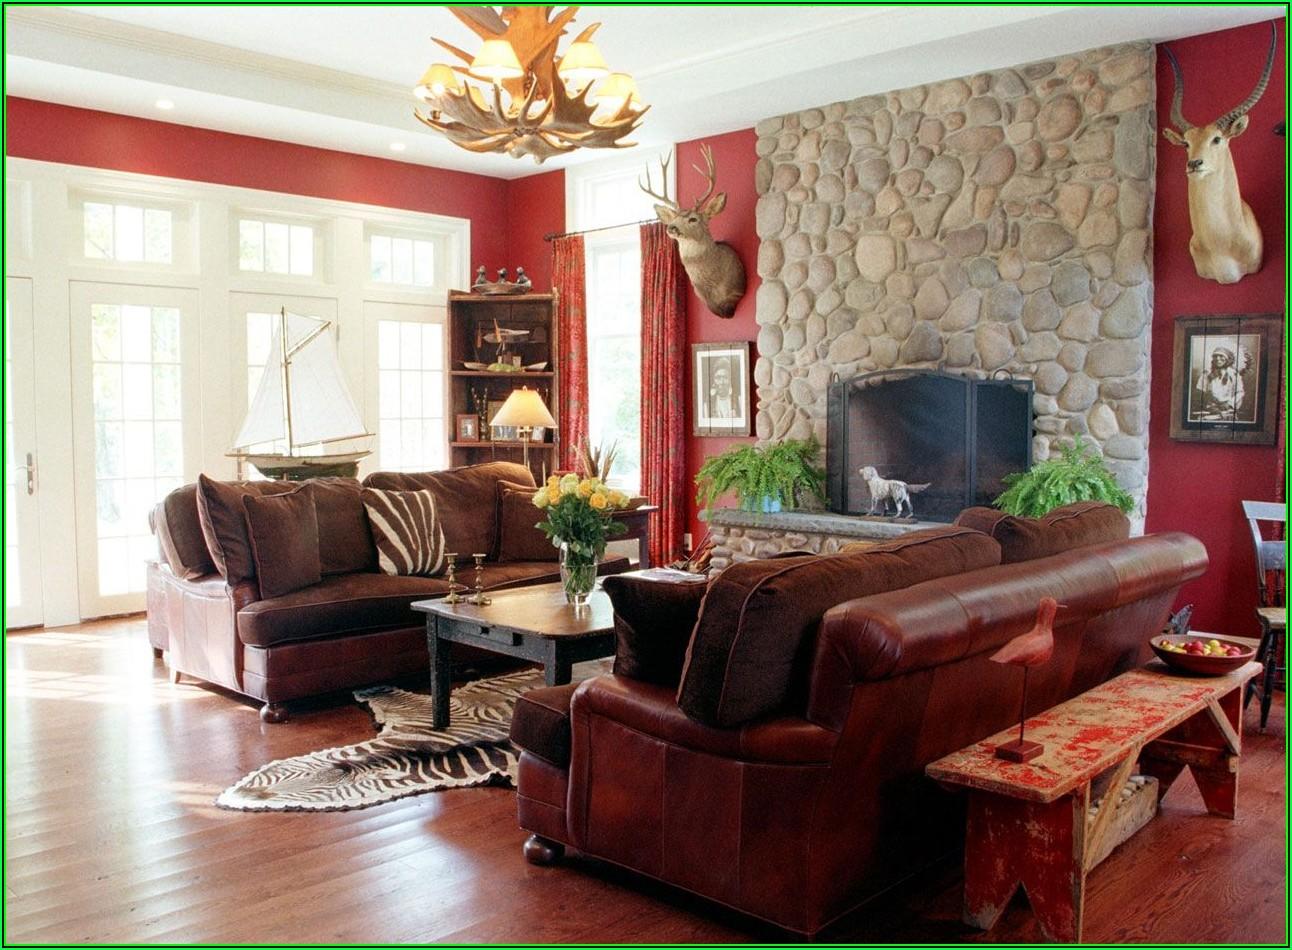 Wohnzimmer Ideen Rote Wand